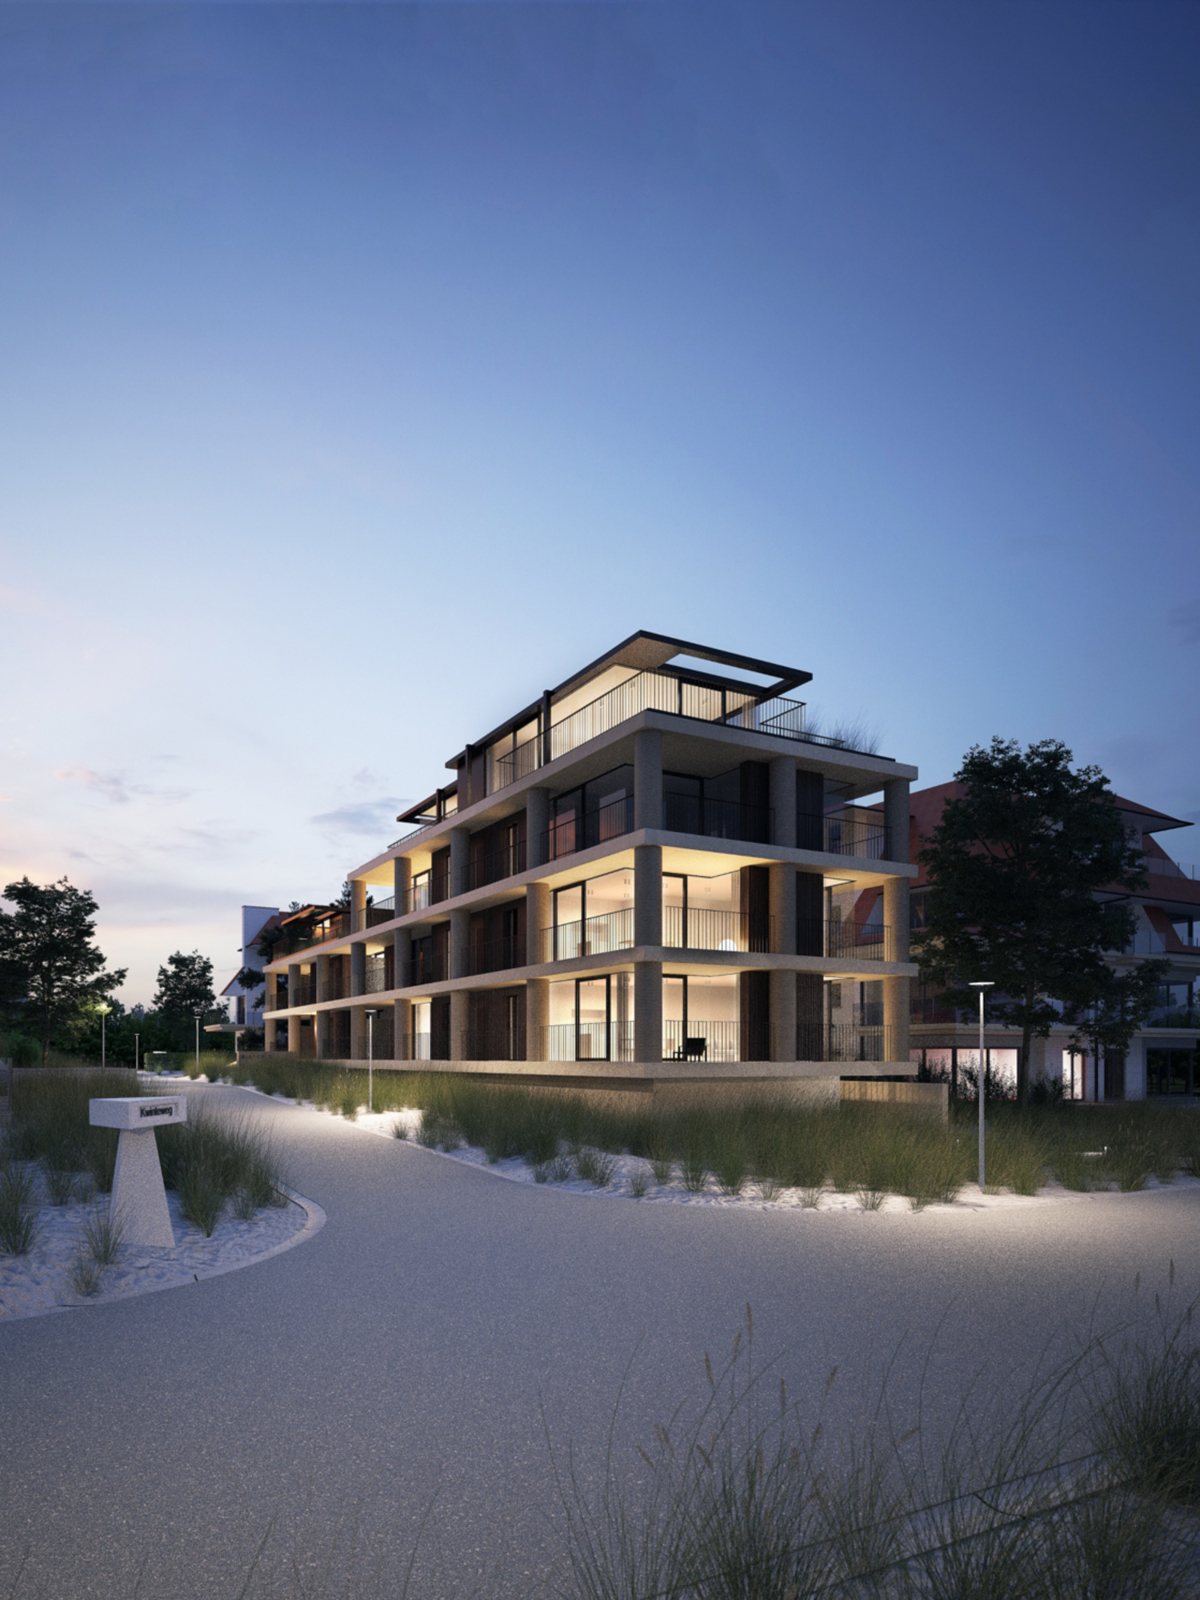 Rietveldprojects, architectuur, architecten, modern, strak